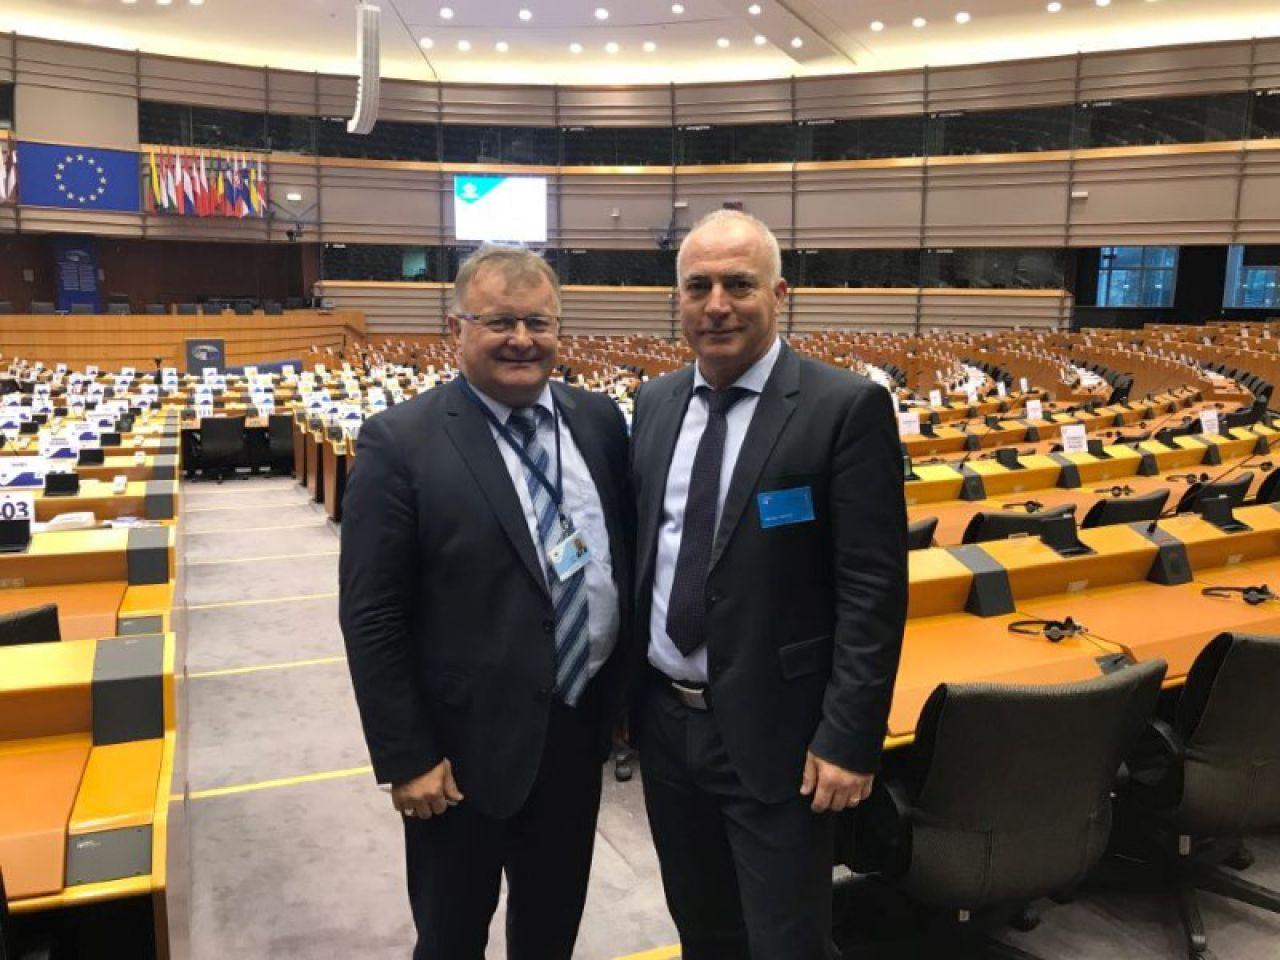 Župan Goran Pauk na međunarodnoj konferenciji o komunalnom gospodarstvu predstavio projekt Bikarac